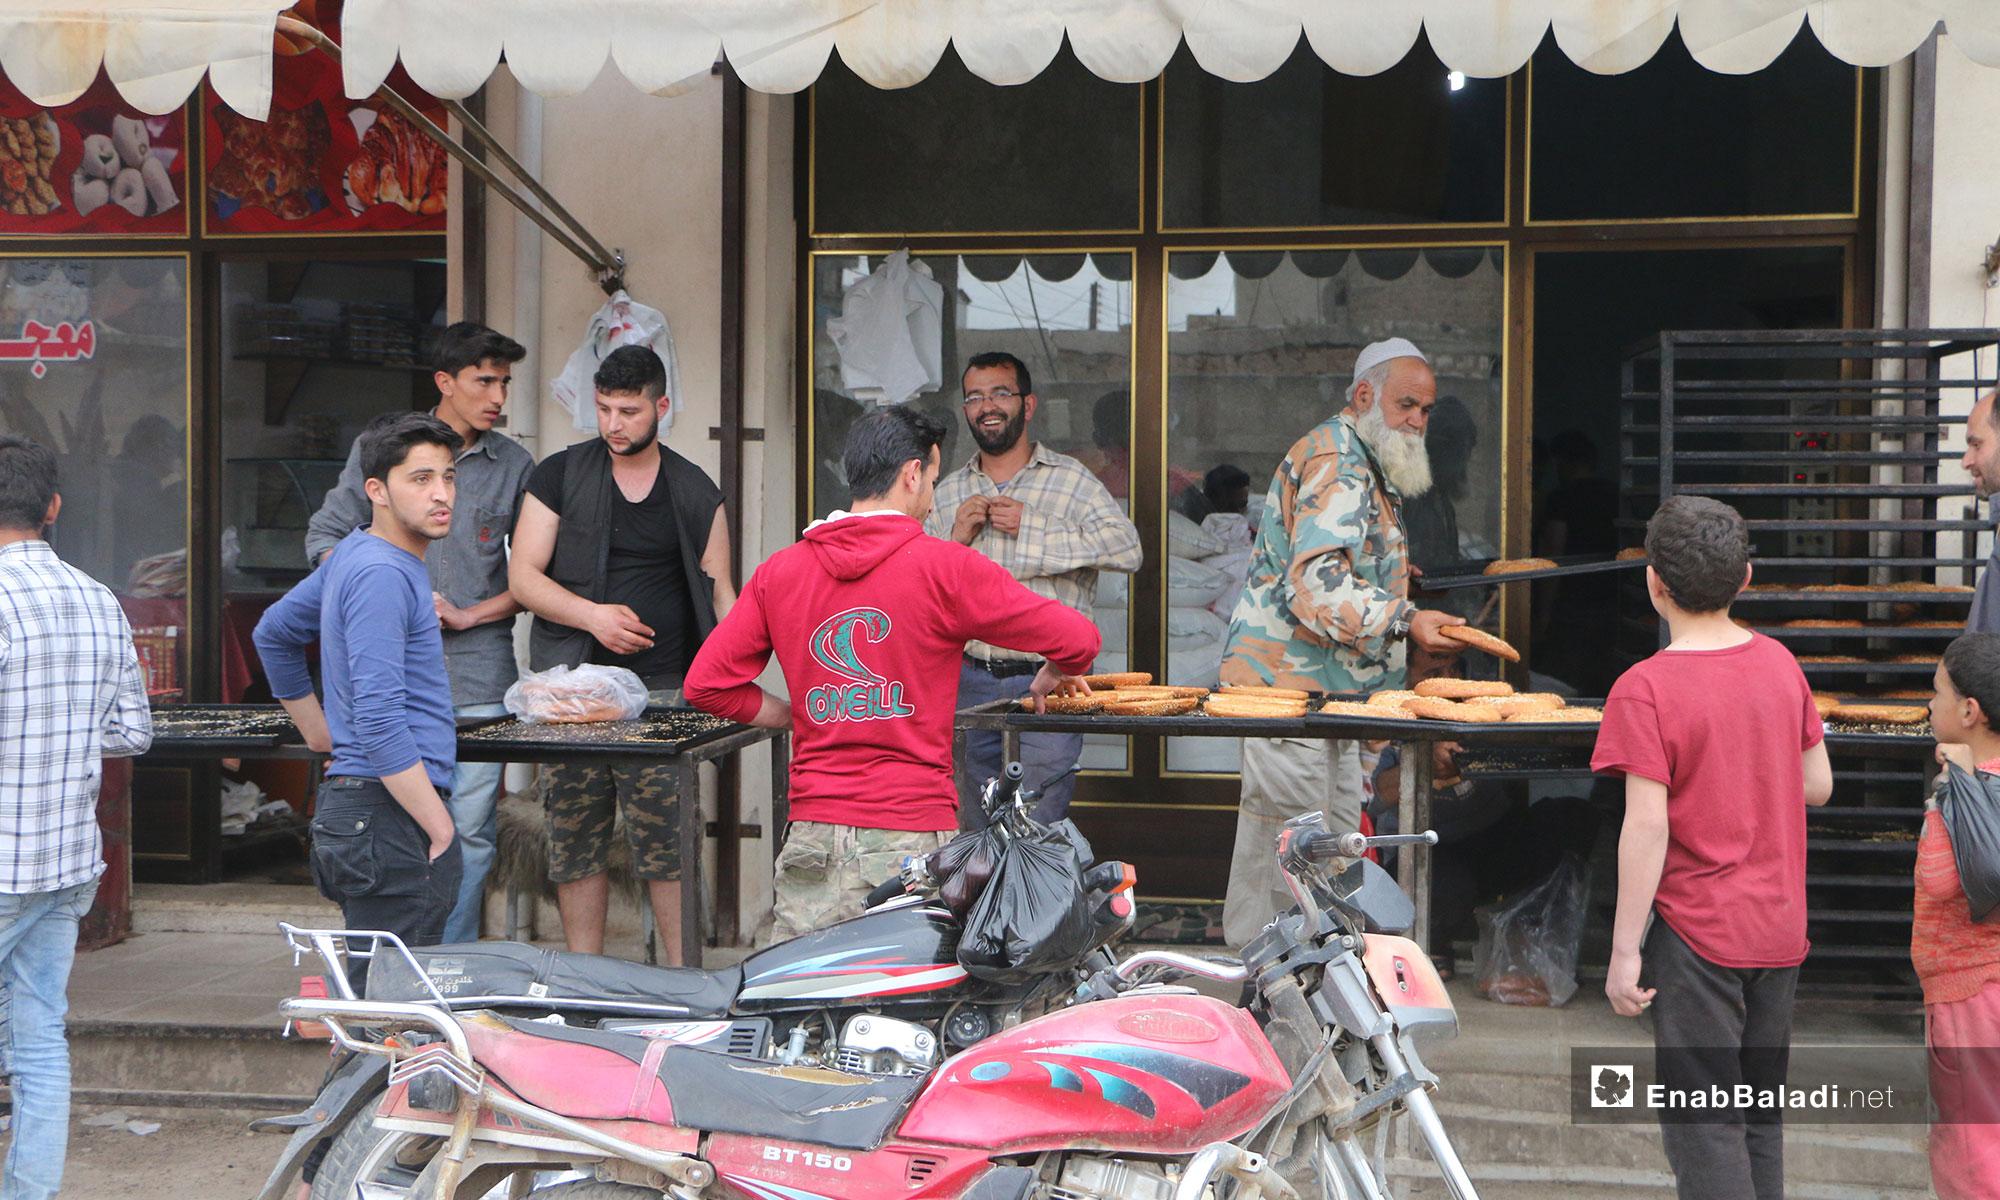 أسواق مارع في أول أيام رمضان بريف حلب الشمالي - 7 من آيار 2019 (عنب بلدي)